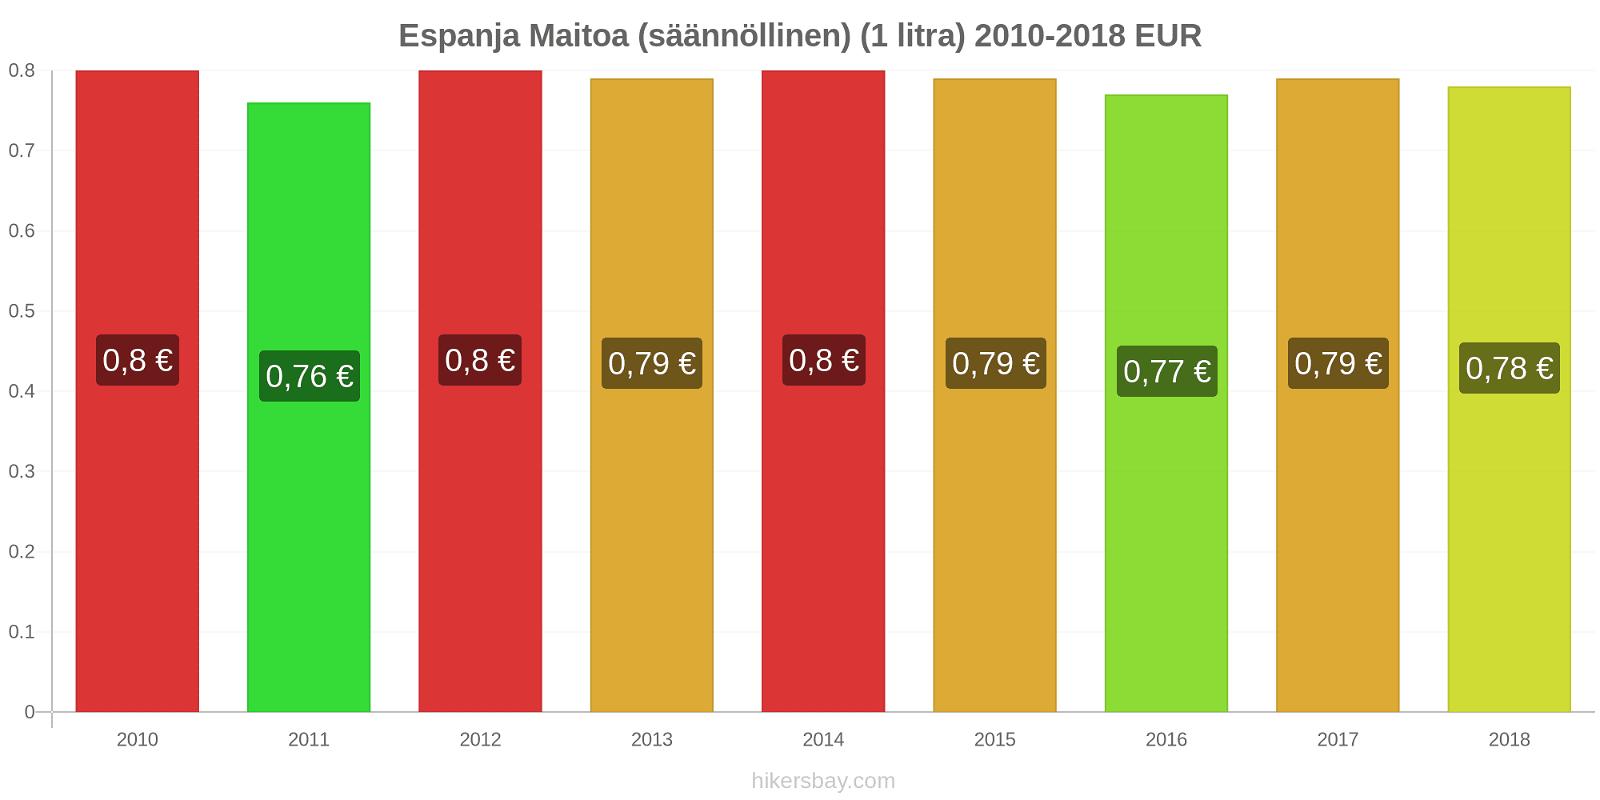 Espanja hintojen muutokset Maitoa (säännöllinen) (1 litra) hikersbay.com